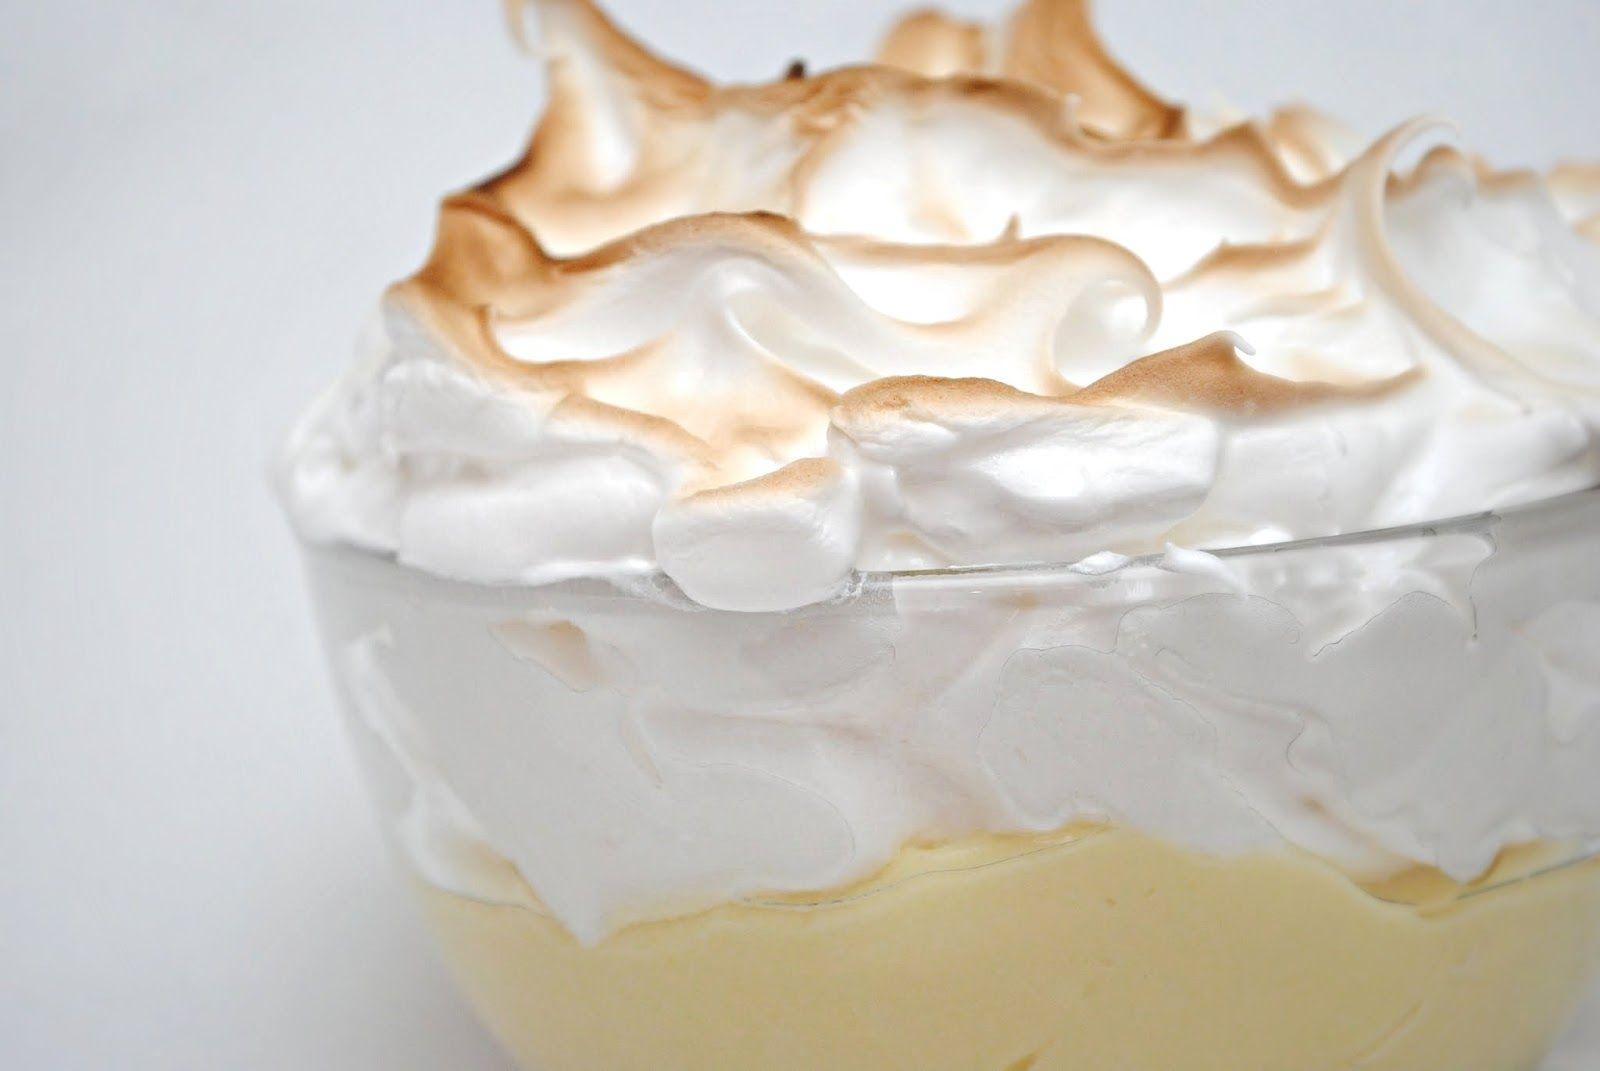 Lemon Meringue Pie Dip